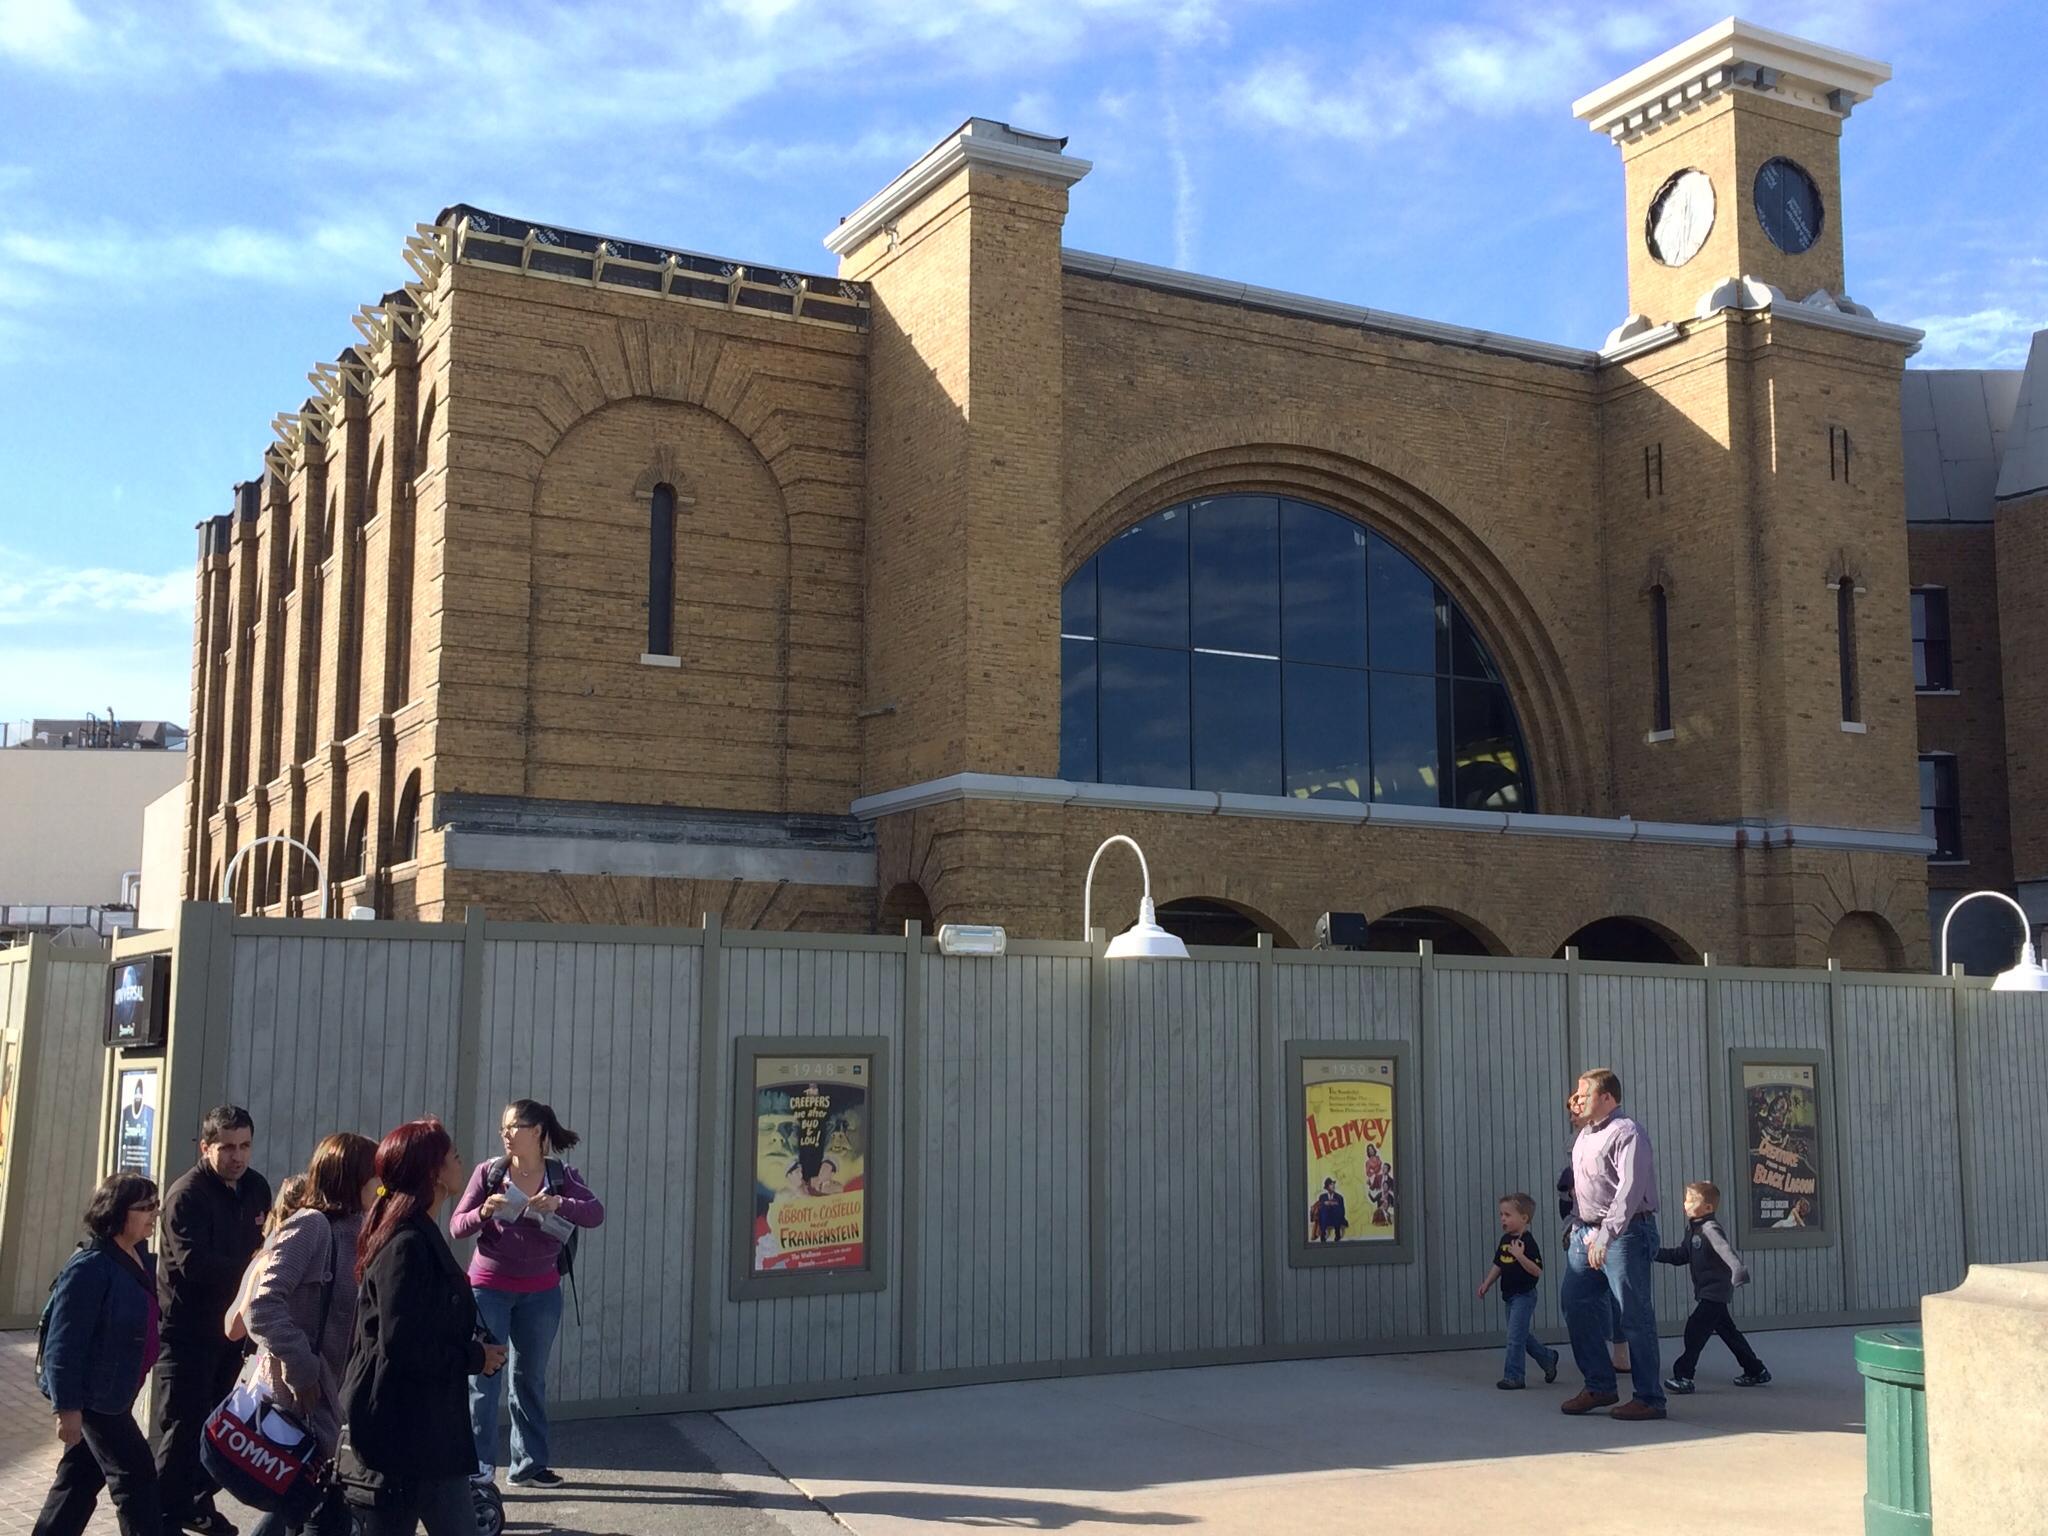 Ein Nachbau des Londoner Bahnhofs King's Cross bildet den Eingang für den Hogwarts Express